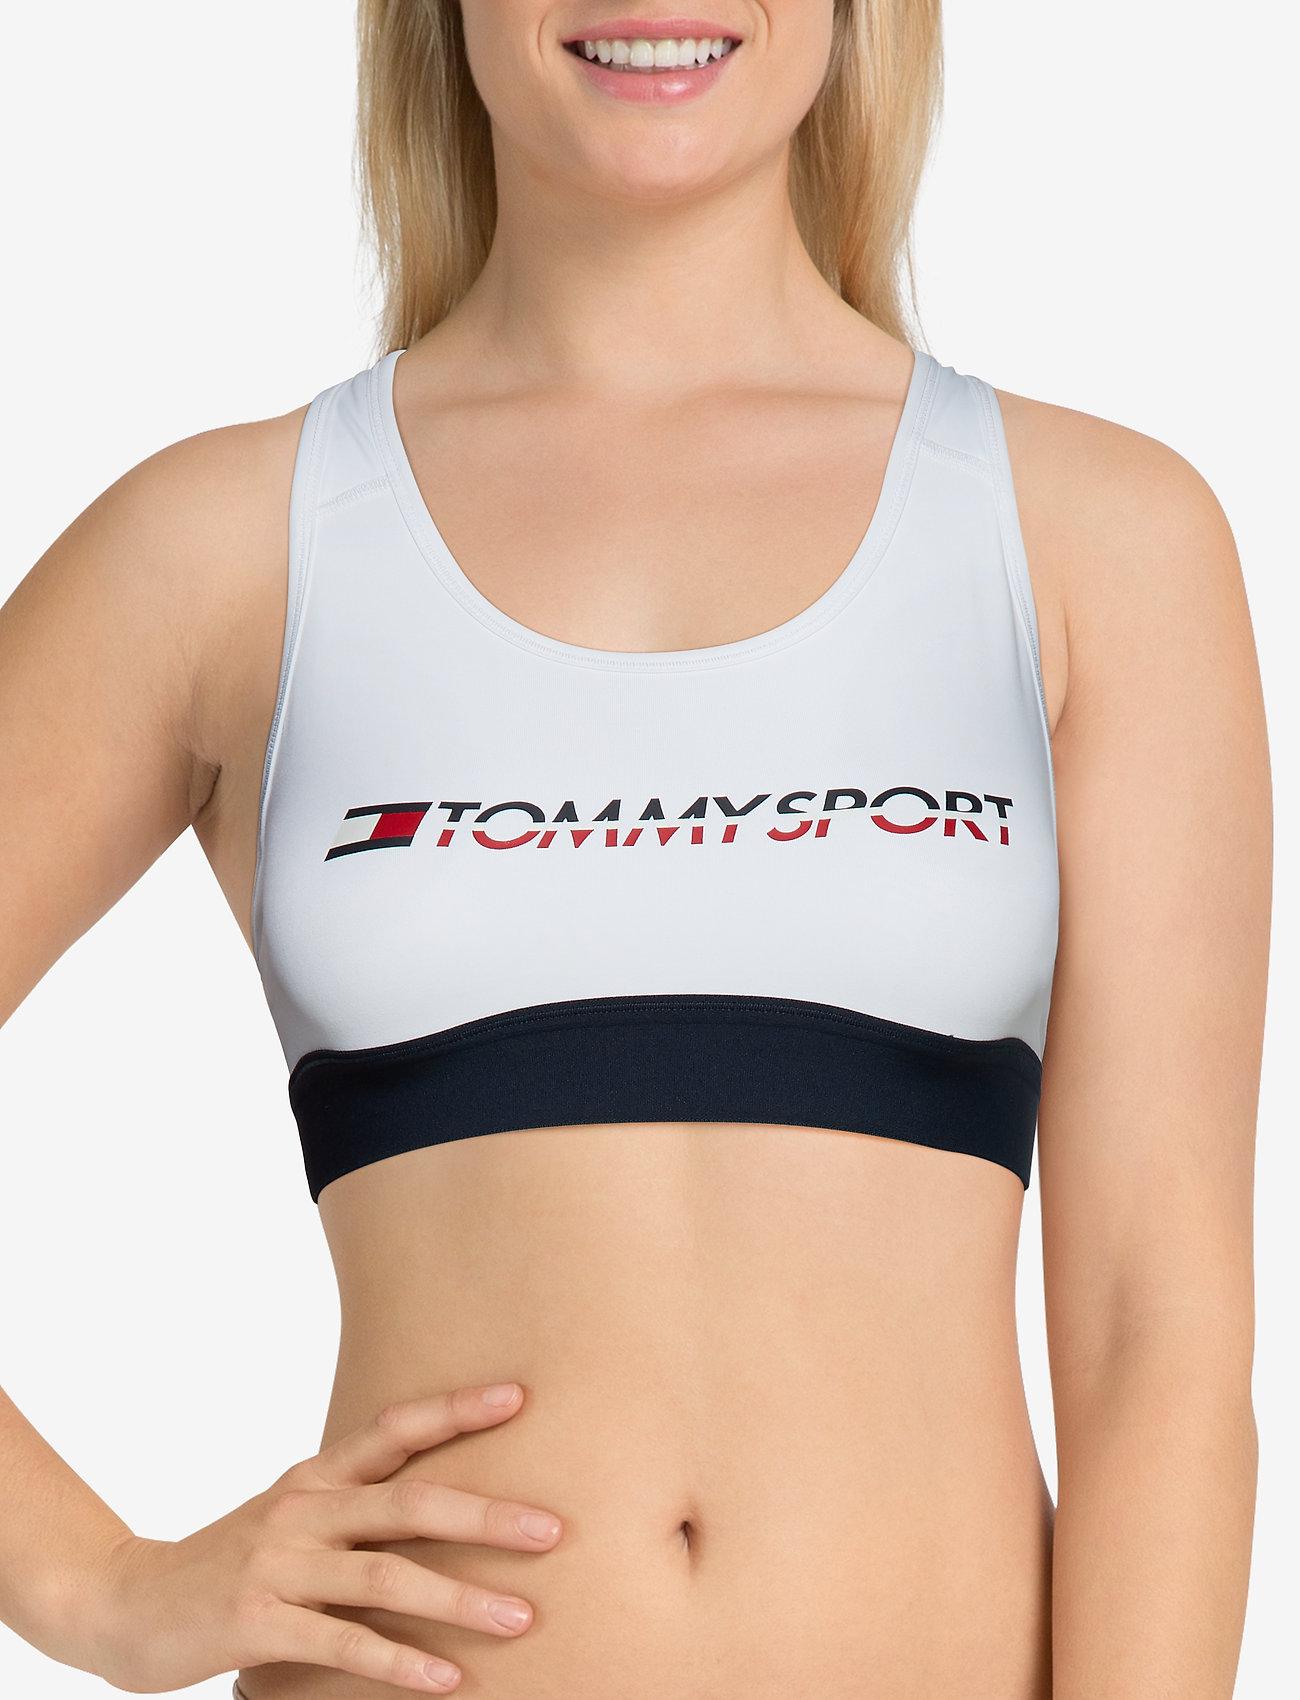 Tommy Sport SPORTS BRA MEDIUM TRI LOGO - PVH WHITE